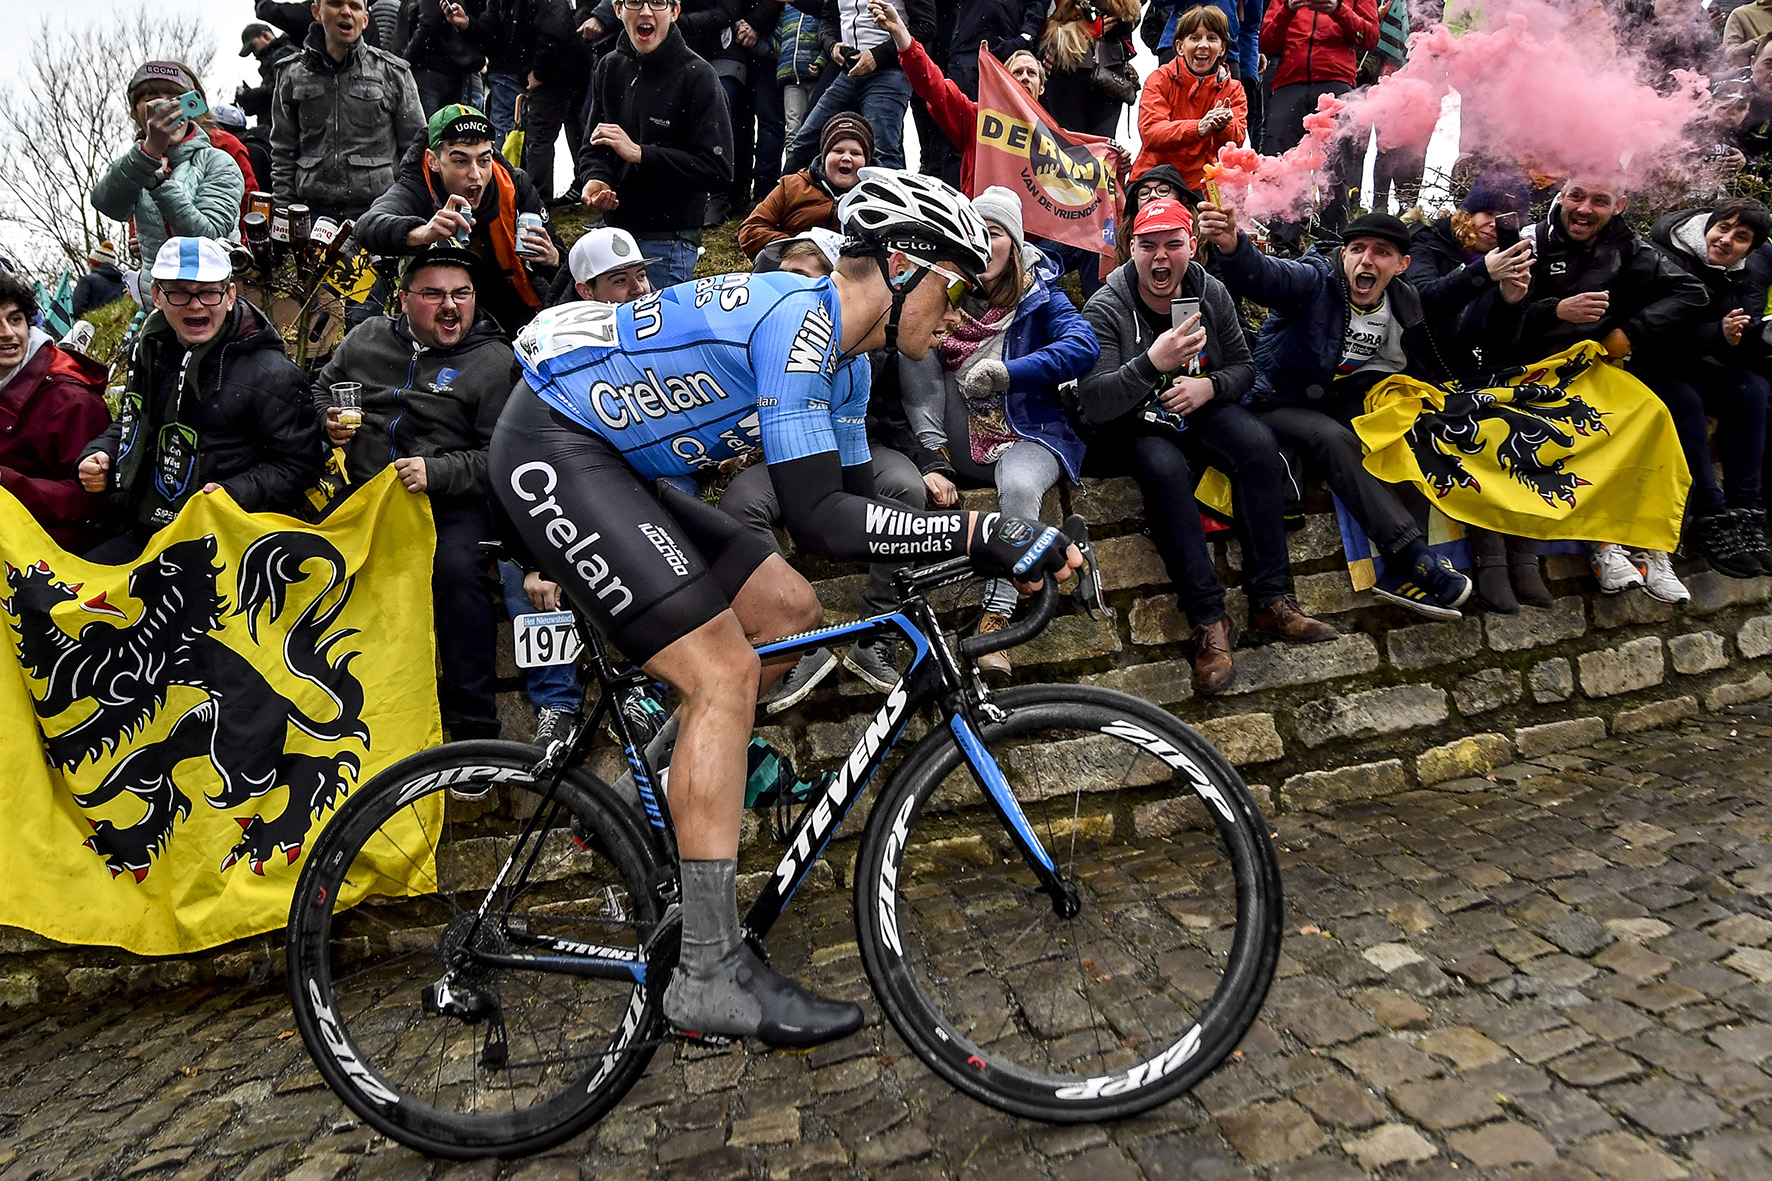 Op deze foto zie je de Belg Michael Goolaerts van Verandas Willems - Crelan die mee doet met de Muur van Geraardsbergen tijdens de 102de ronde van Vlaanderen in 2018.